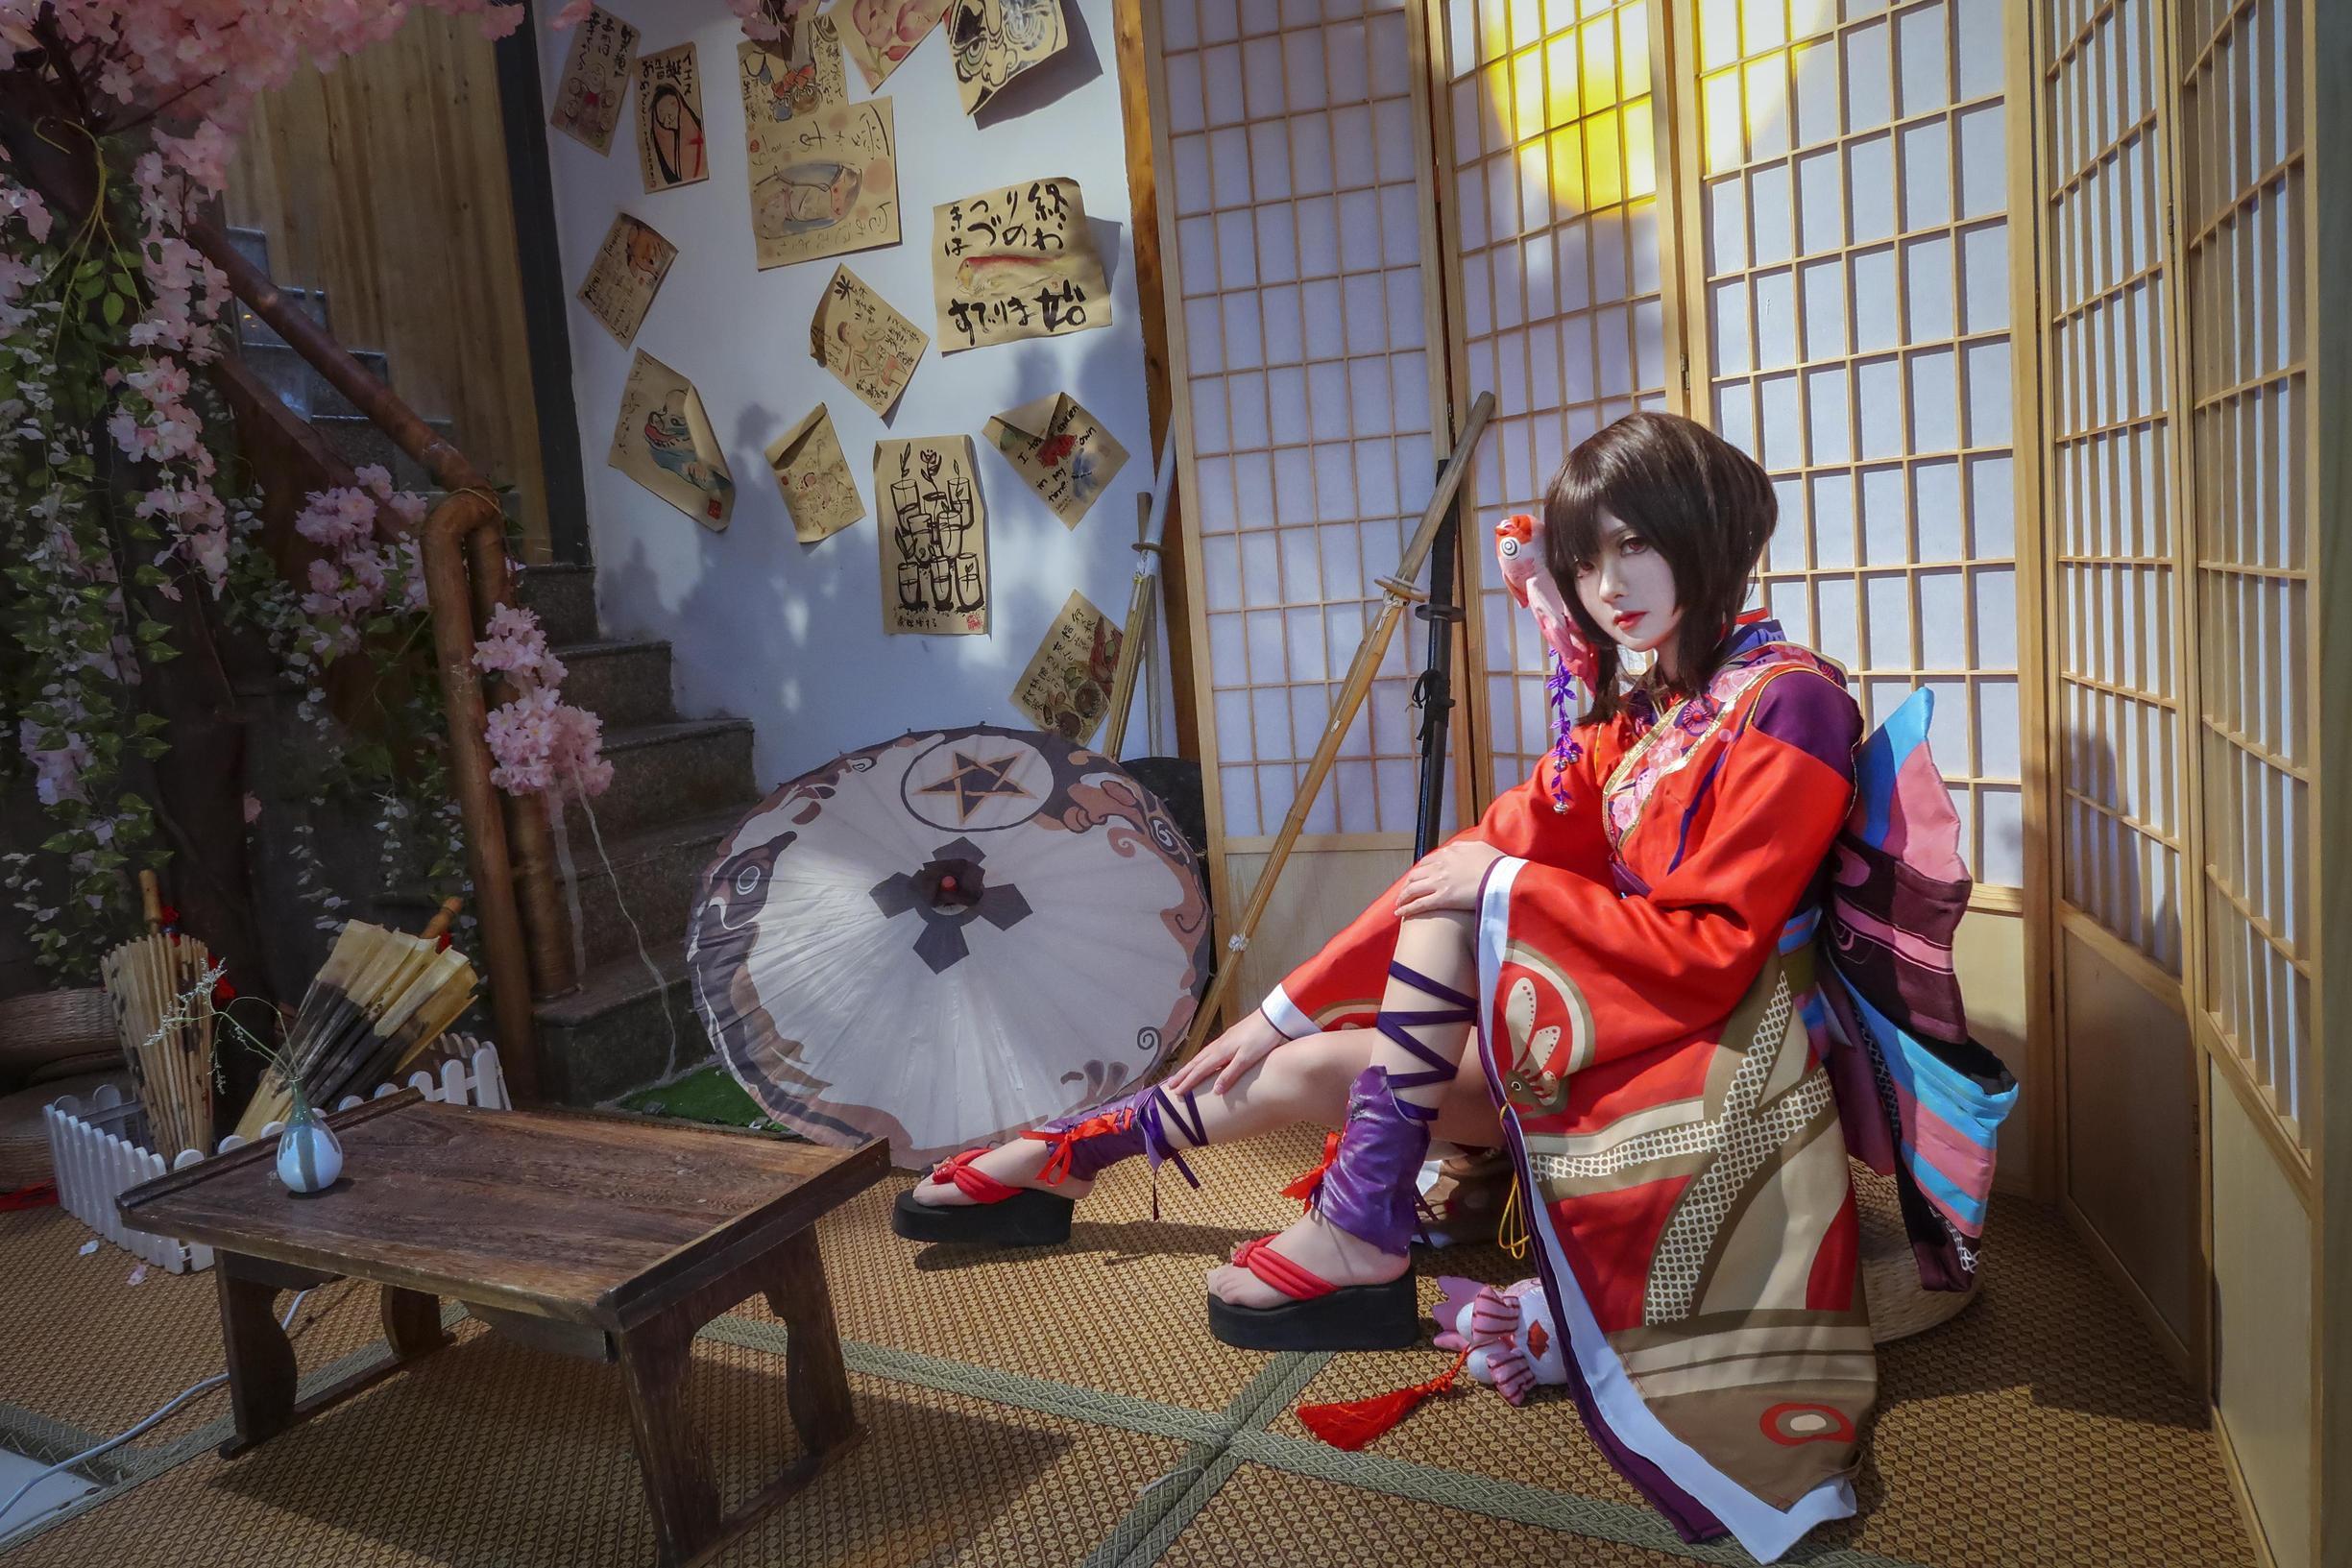 阴阳师神乐cosplay【CN:一乐怕是石乐志】 -动漫cosplay靴子图片下载插图